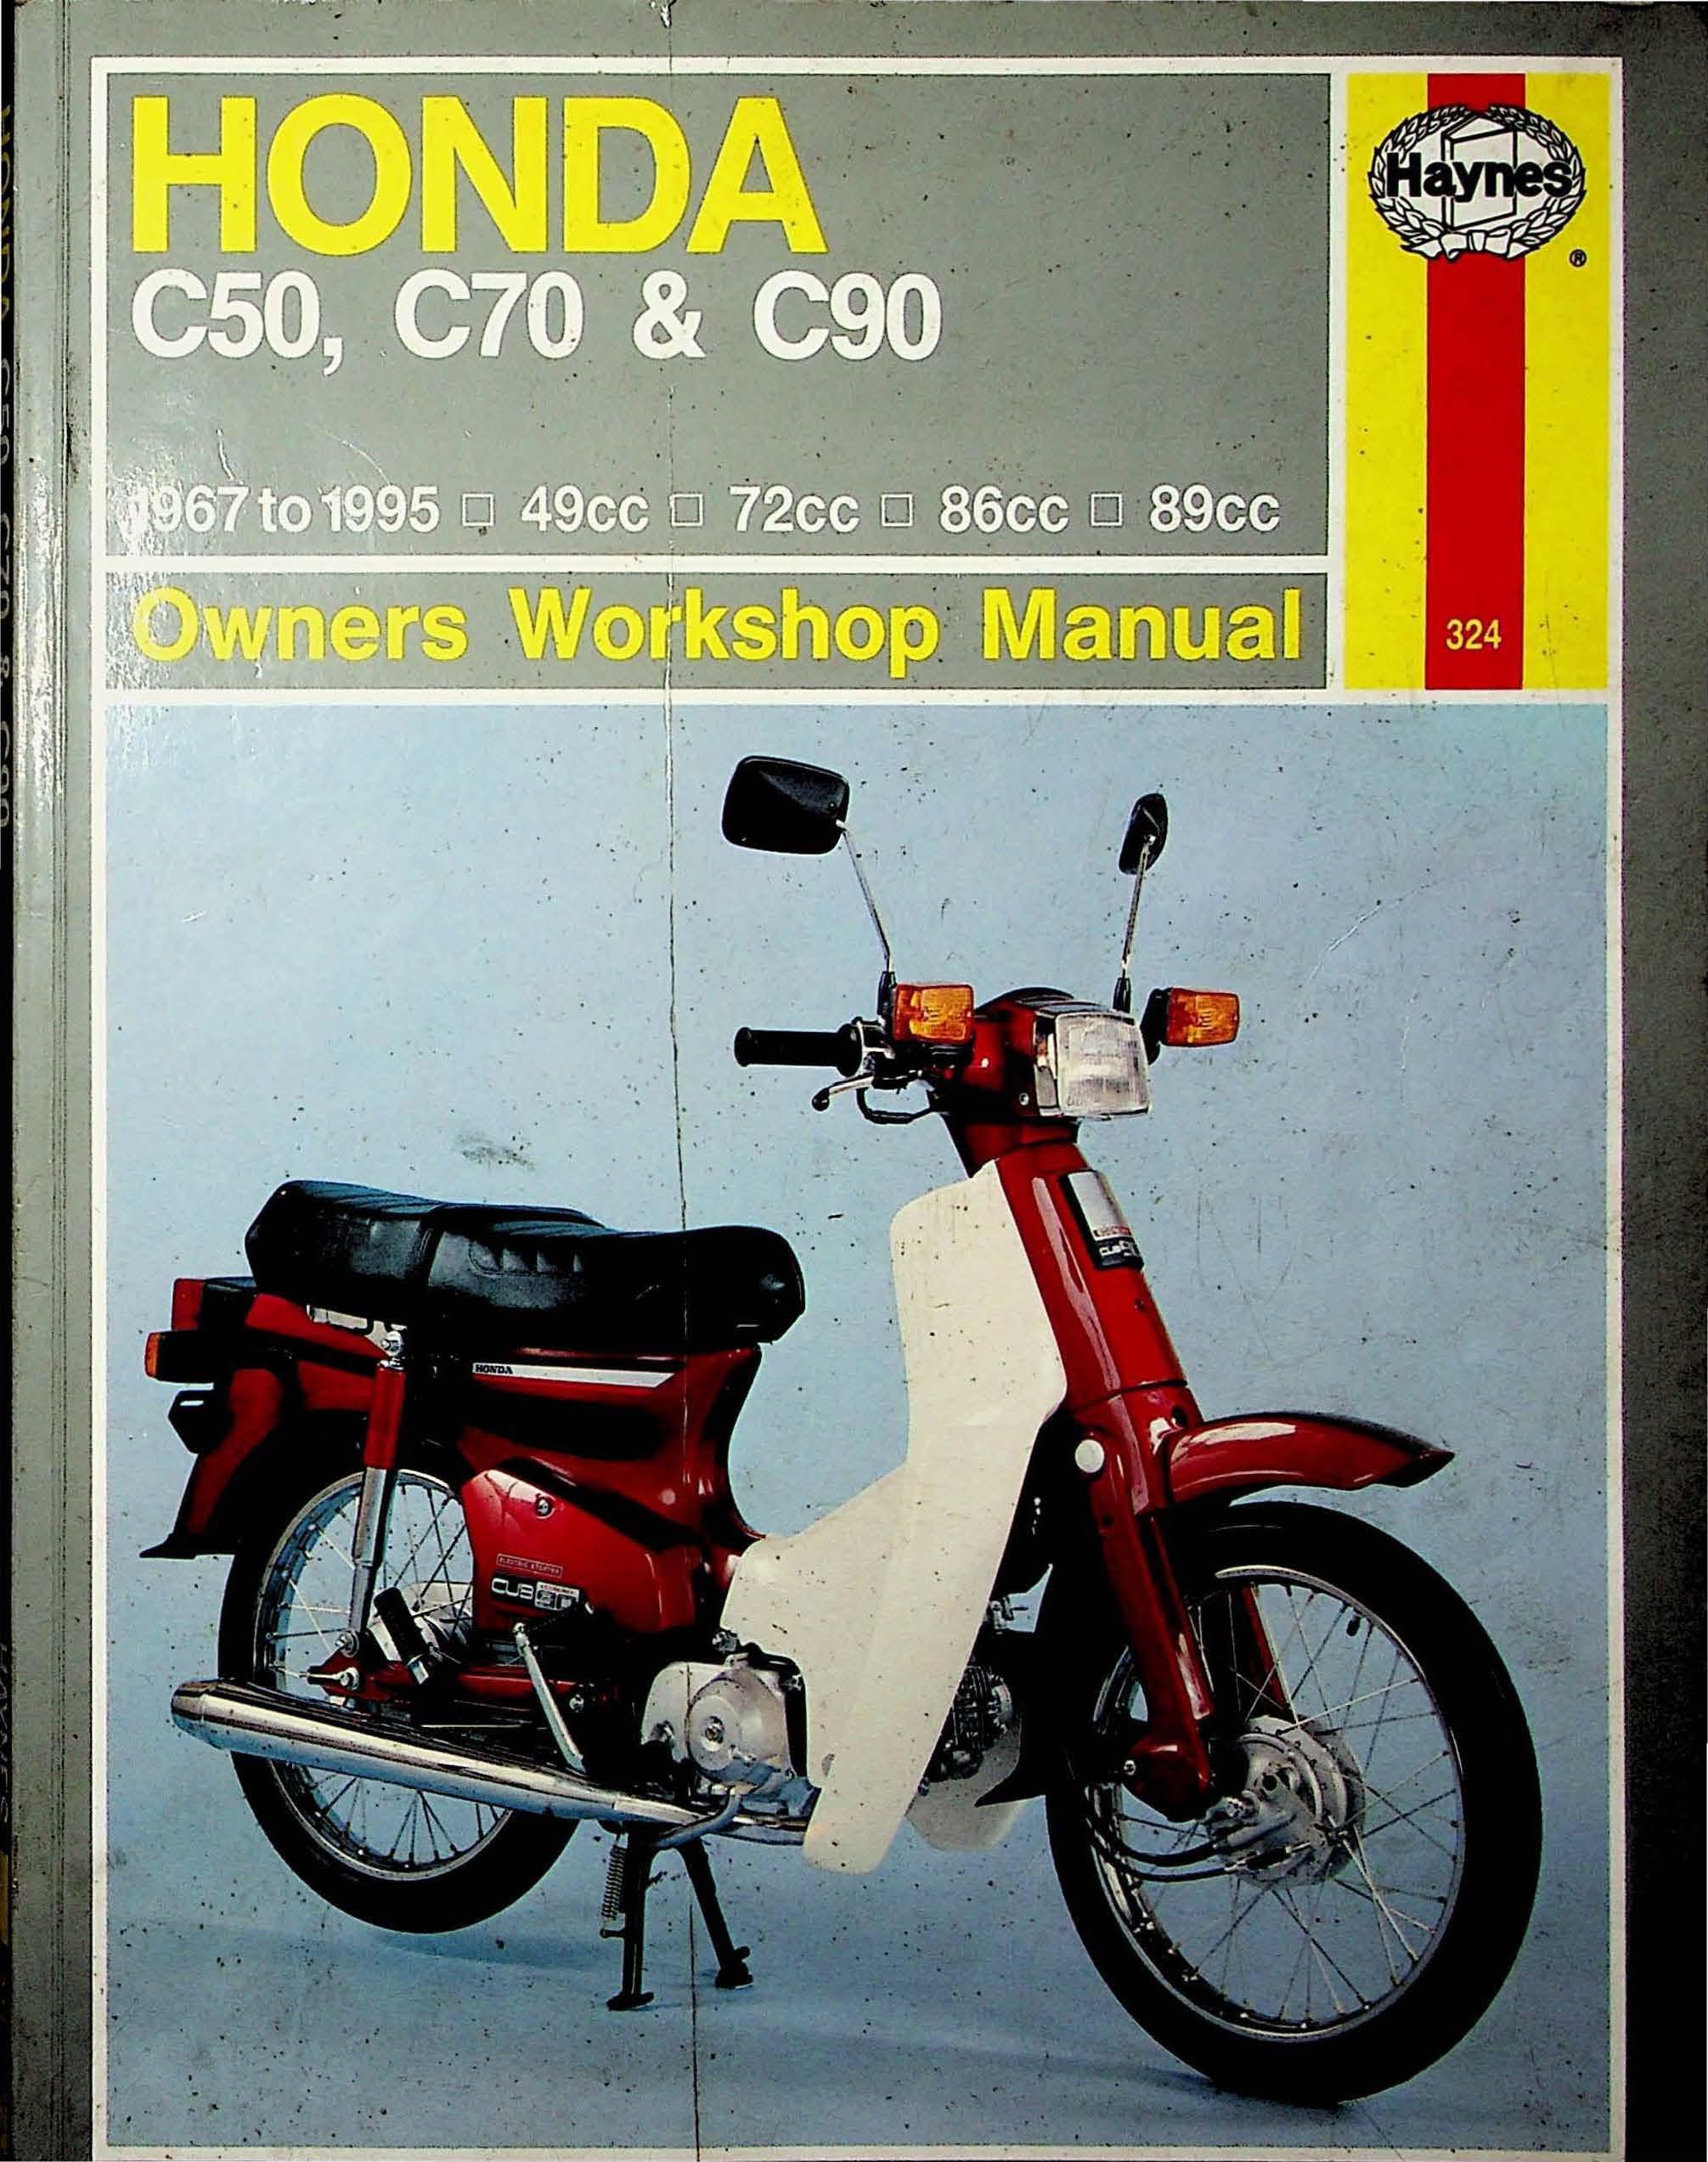 Workshop manual for Honda C90 (1967-1995)